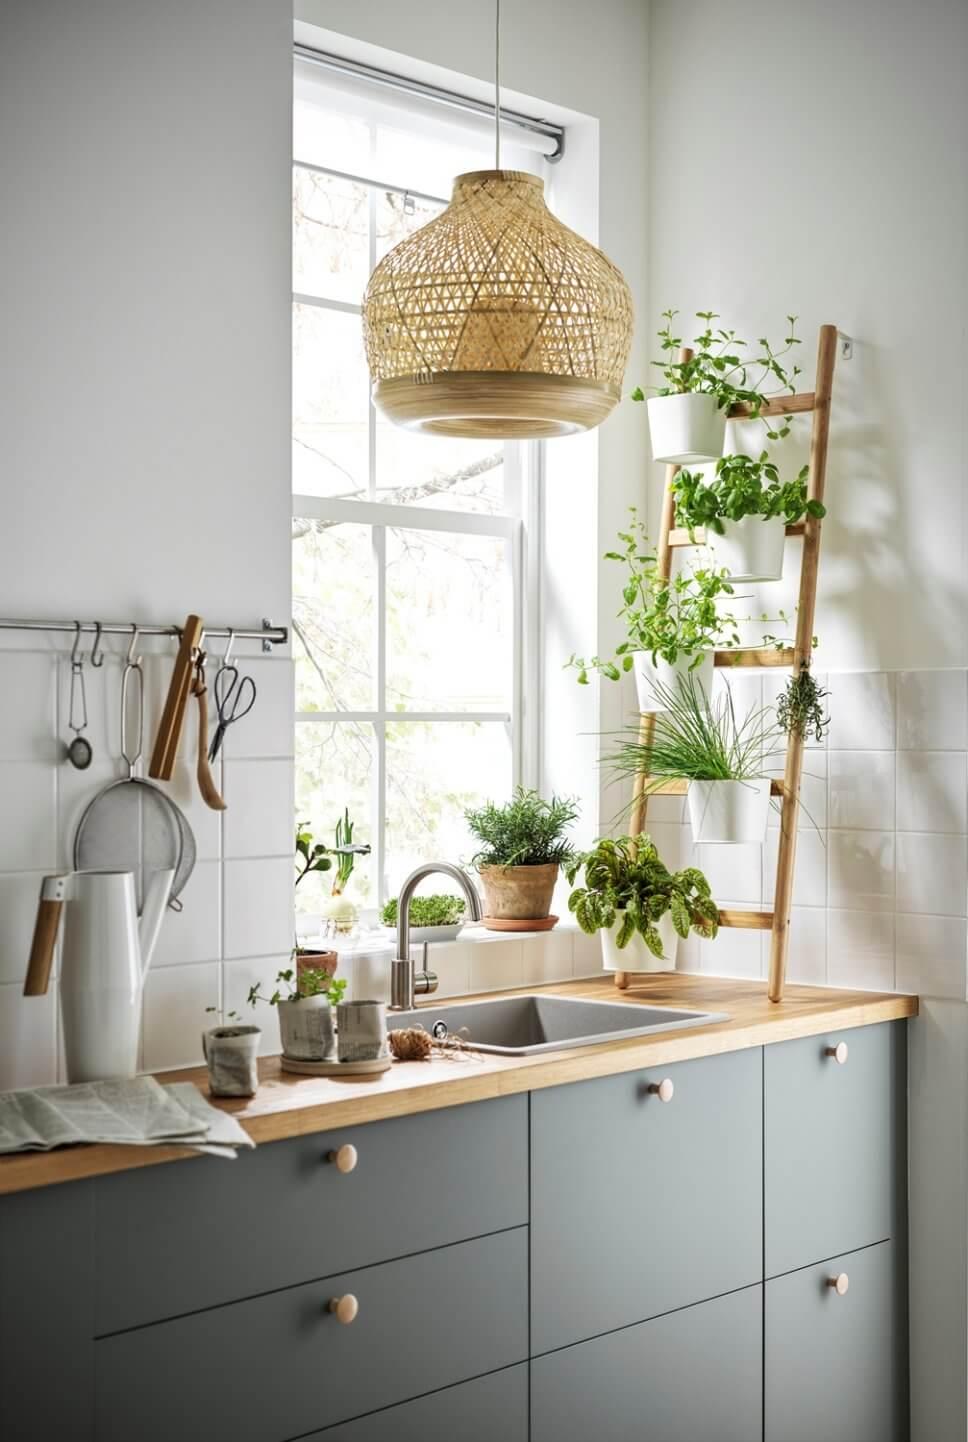 Moderne kleine Küche mit viel Pflanzenleiter